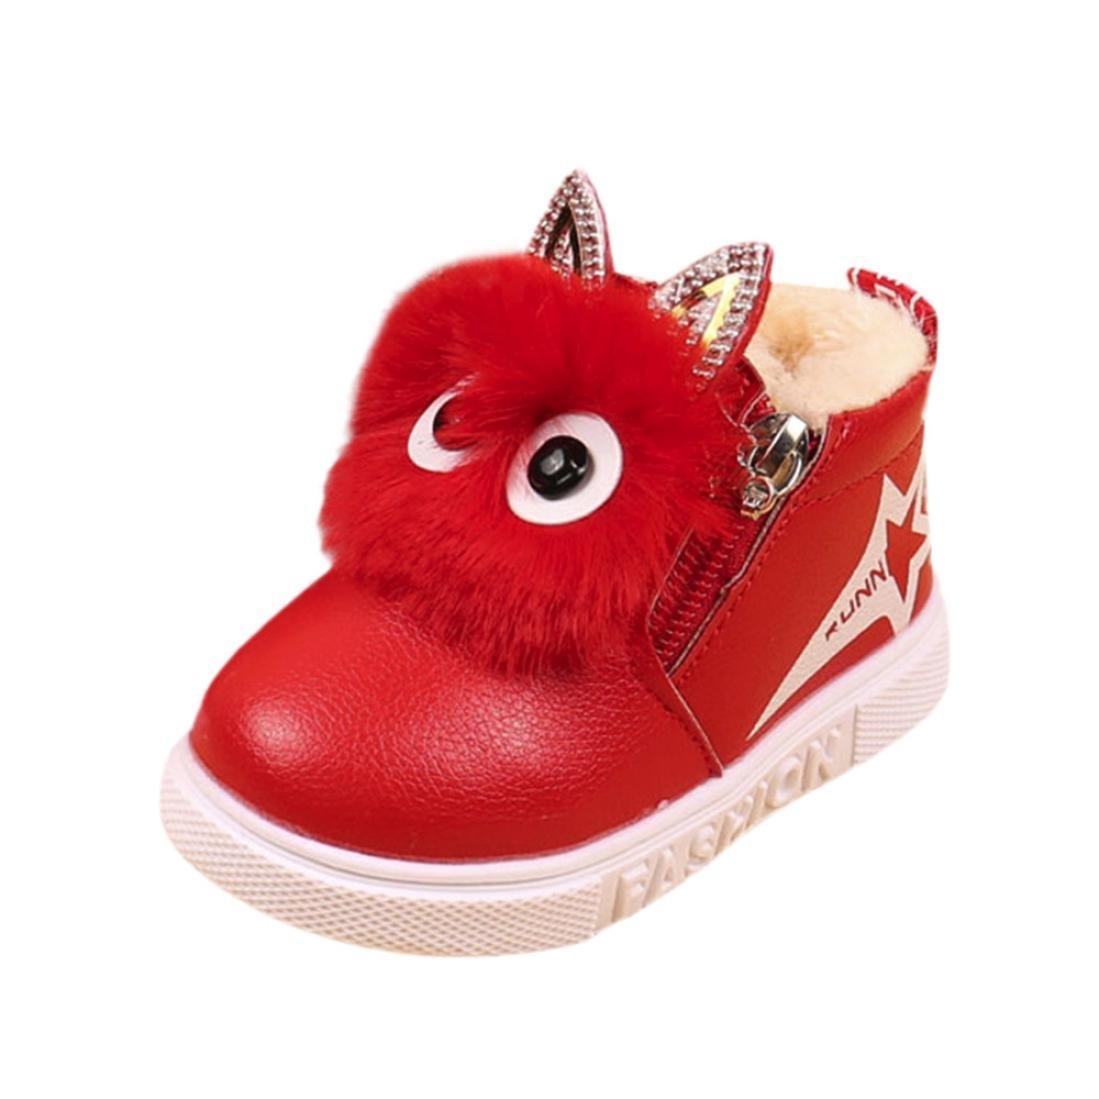 LONUPAZZ Bébé Chaussures Fille Casual Bottes De Neige Fashion (1-6 Ans) sb-122